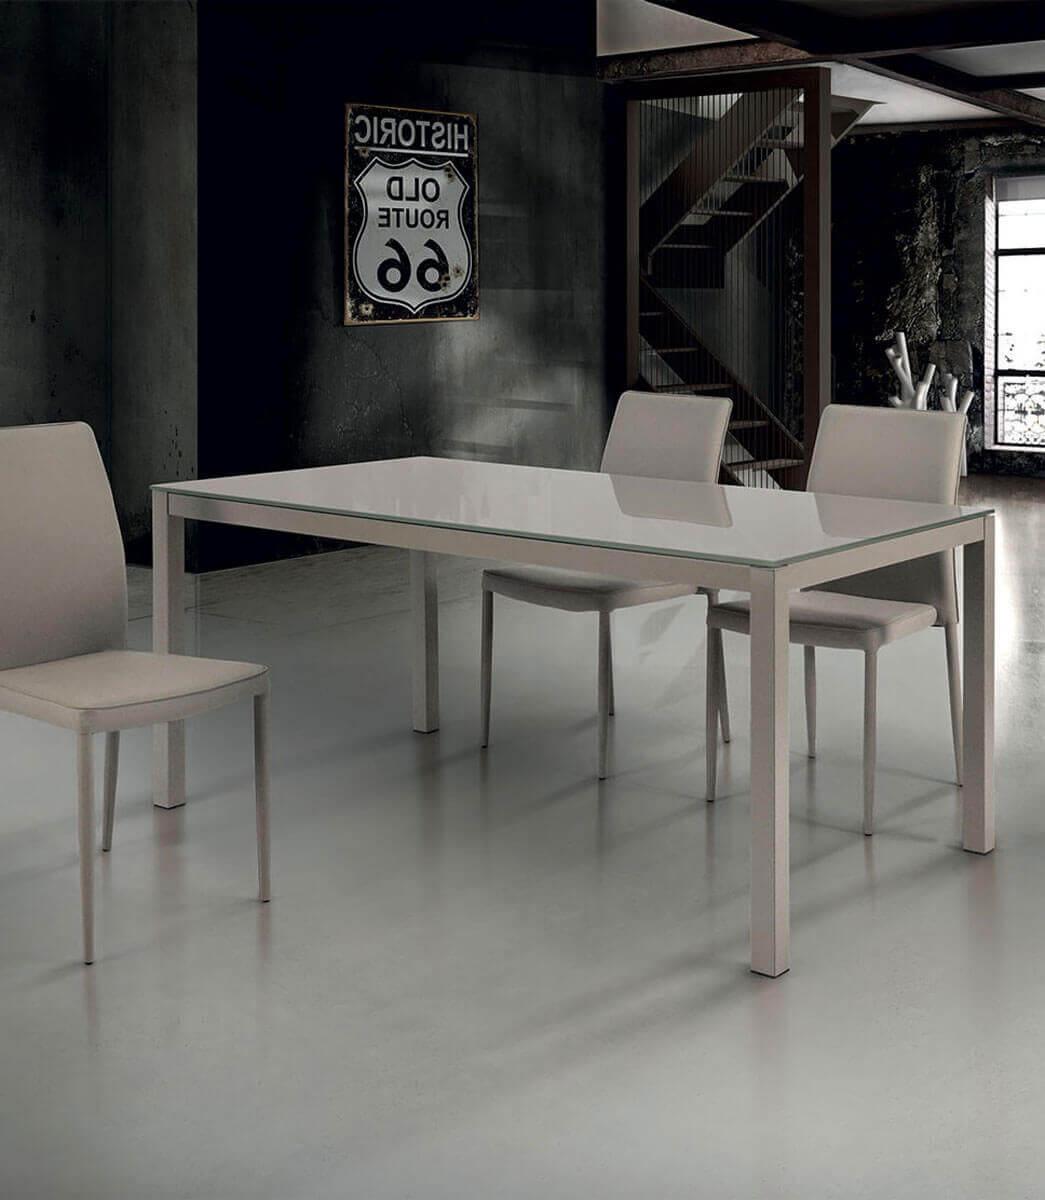 Tavolo rettangolare allungabile in vetro e struttura in metallo tortora -  varie misure - Spazio Casa